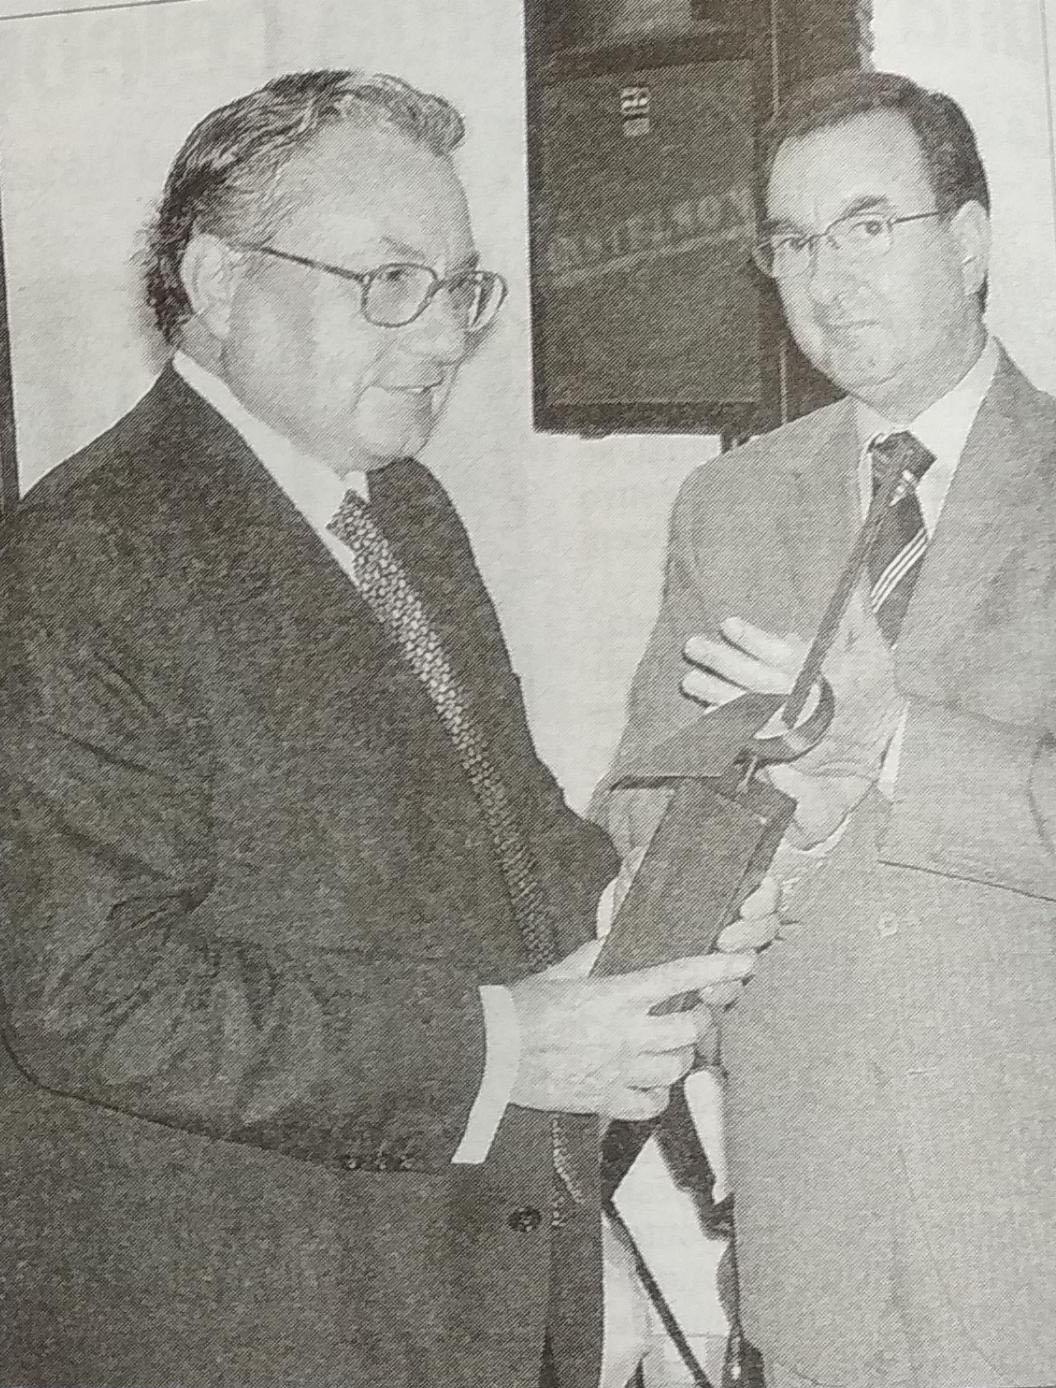 Manuel Bas, Premi 9 d'octubre de la vila de Xàbia al valor cívic, 2004